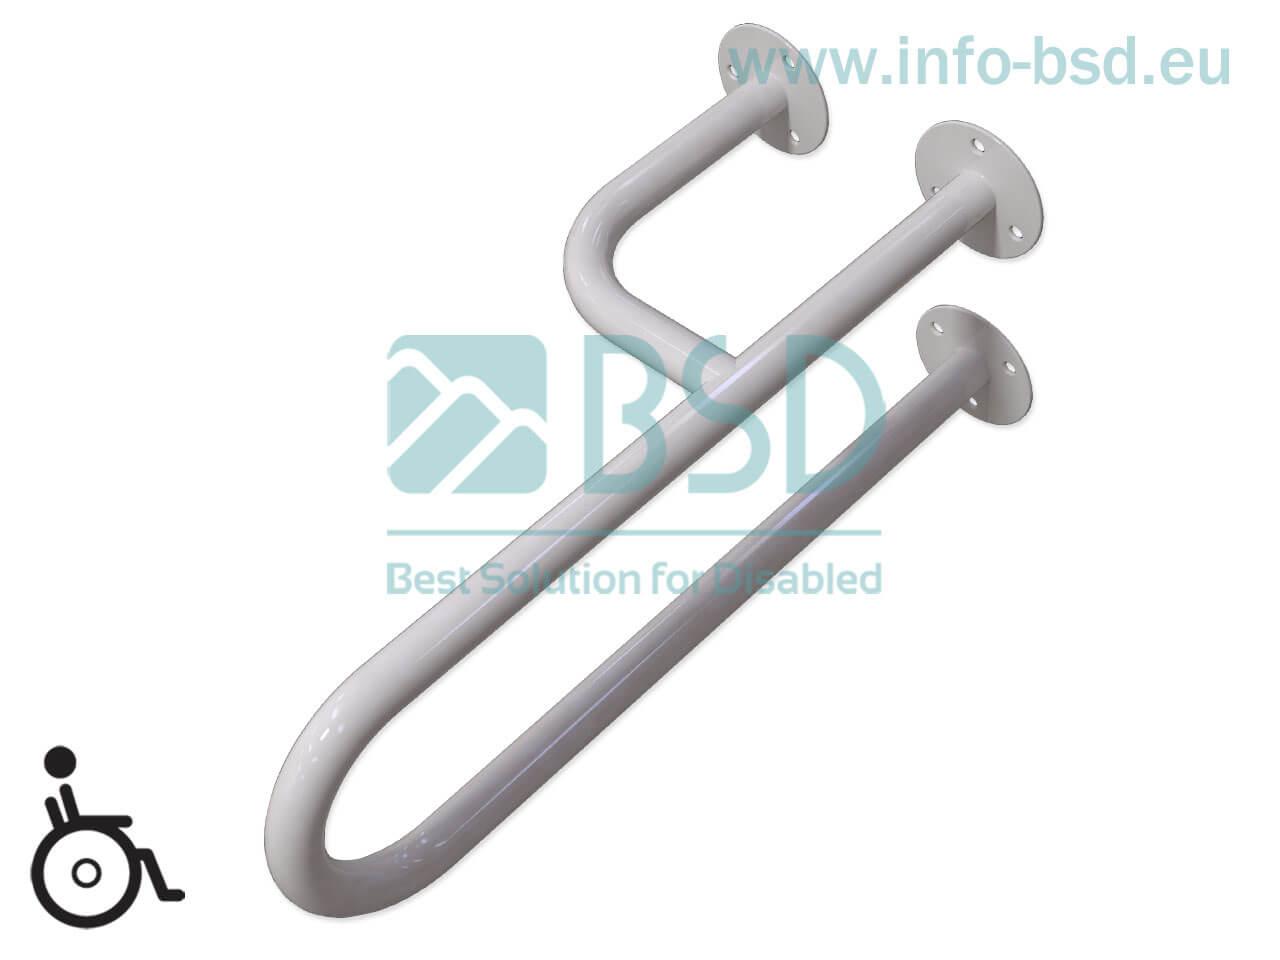 poręcz umywalkowa lewa dla niepelnosprawnych seria STANDARD UUL fi32 BSD